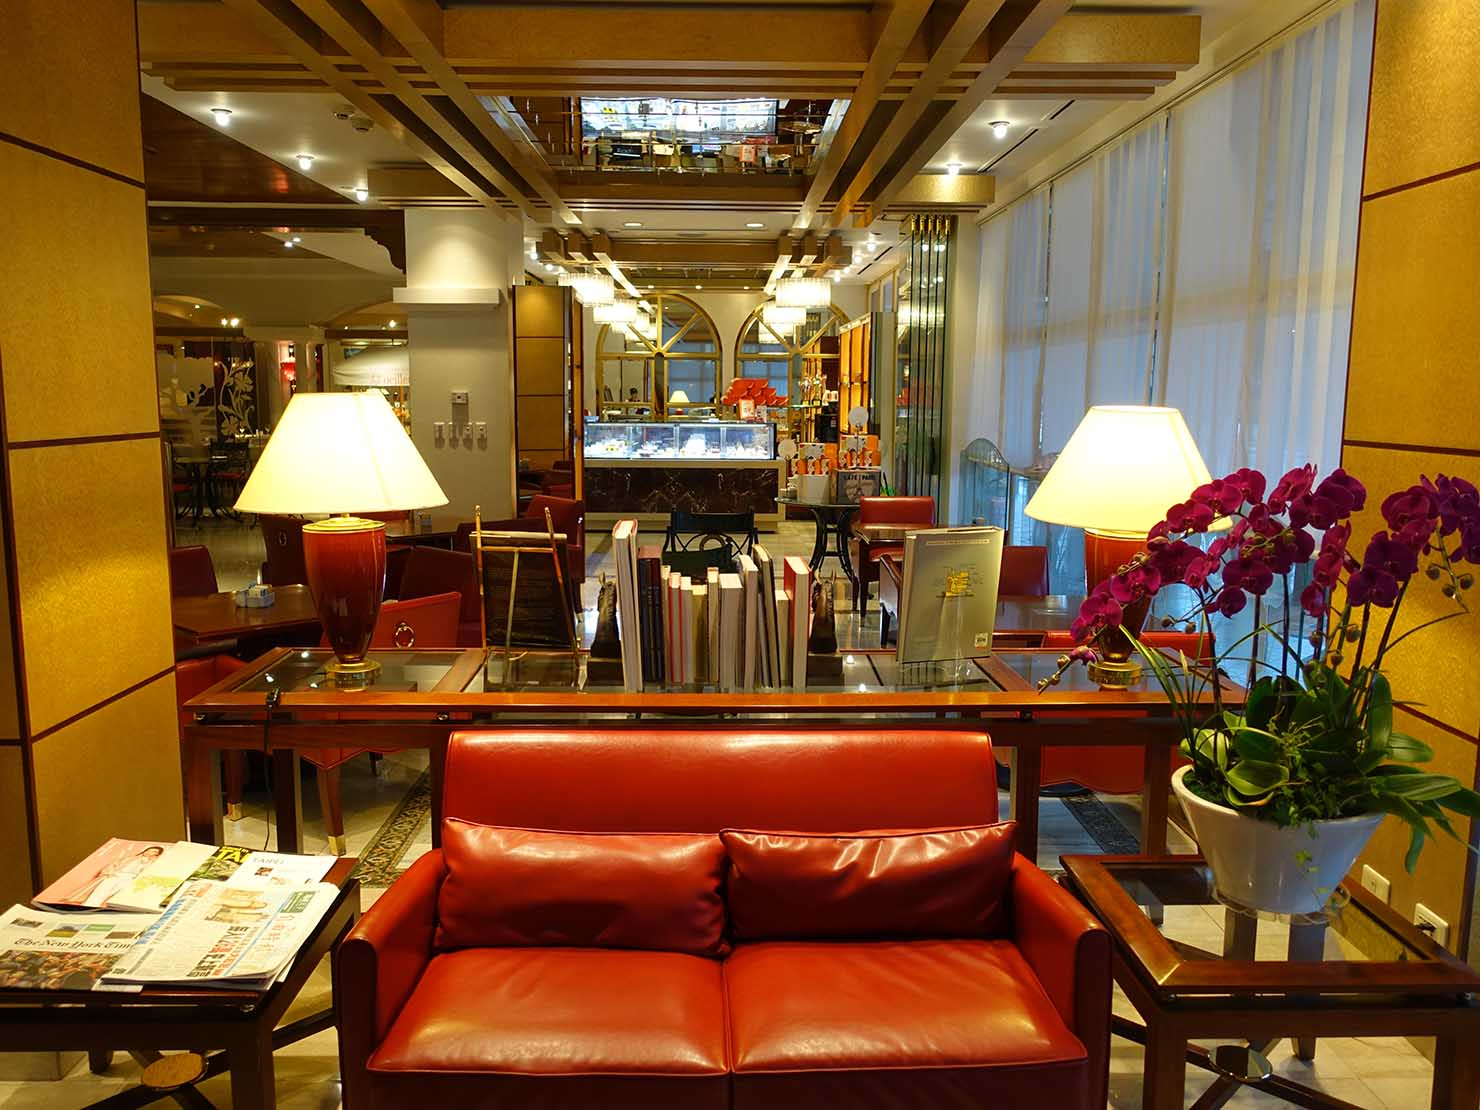 台北のおすすめ4つ星ホテル「歐華酒店(リビエラホテル)」のカフェスペース